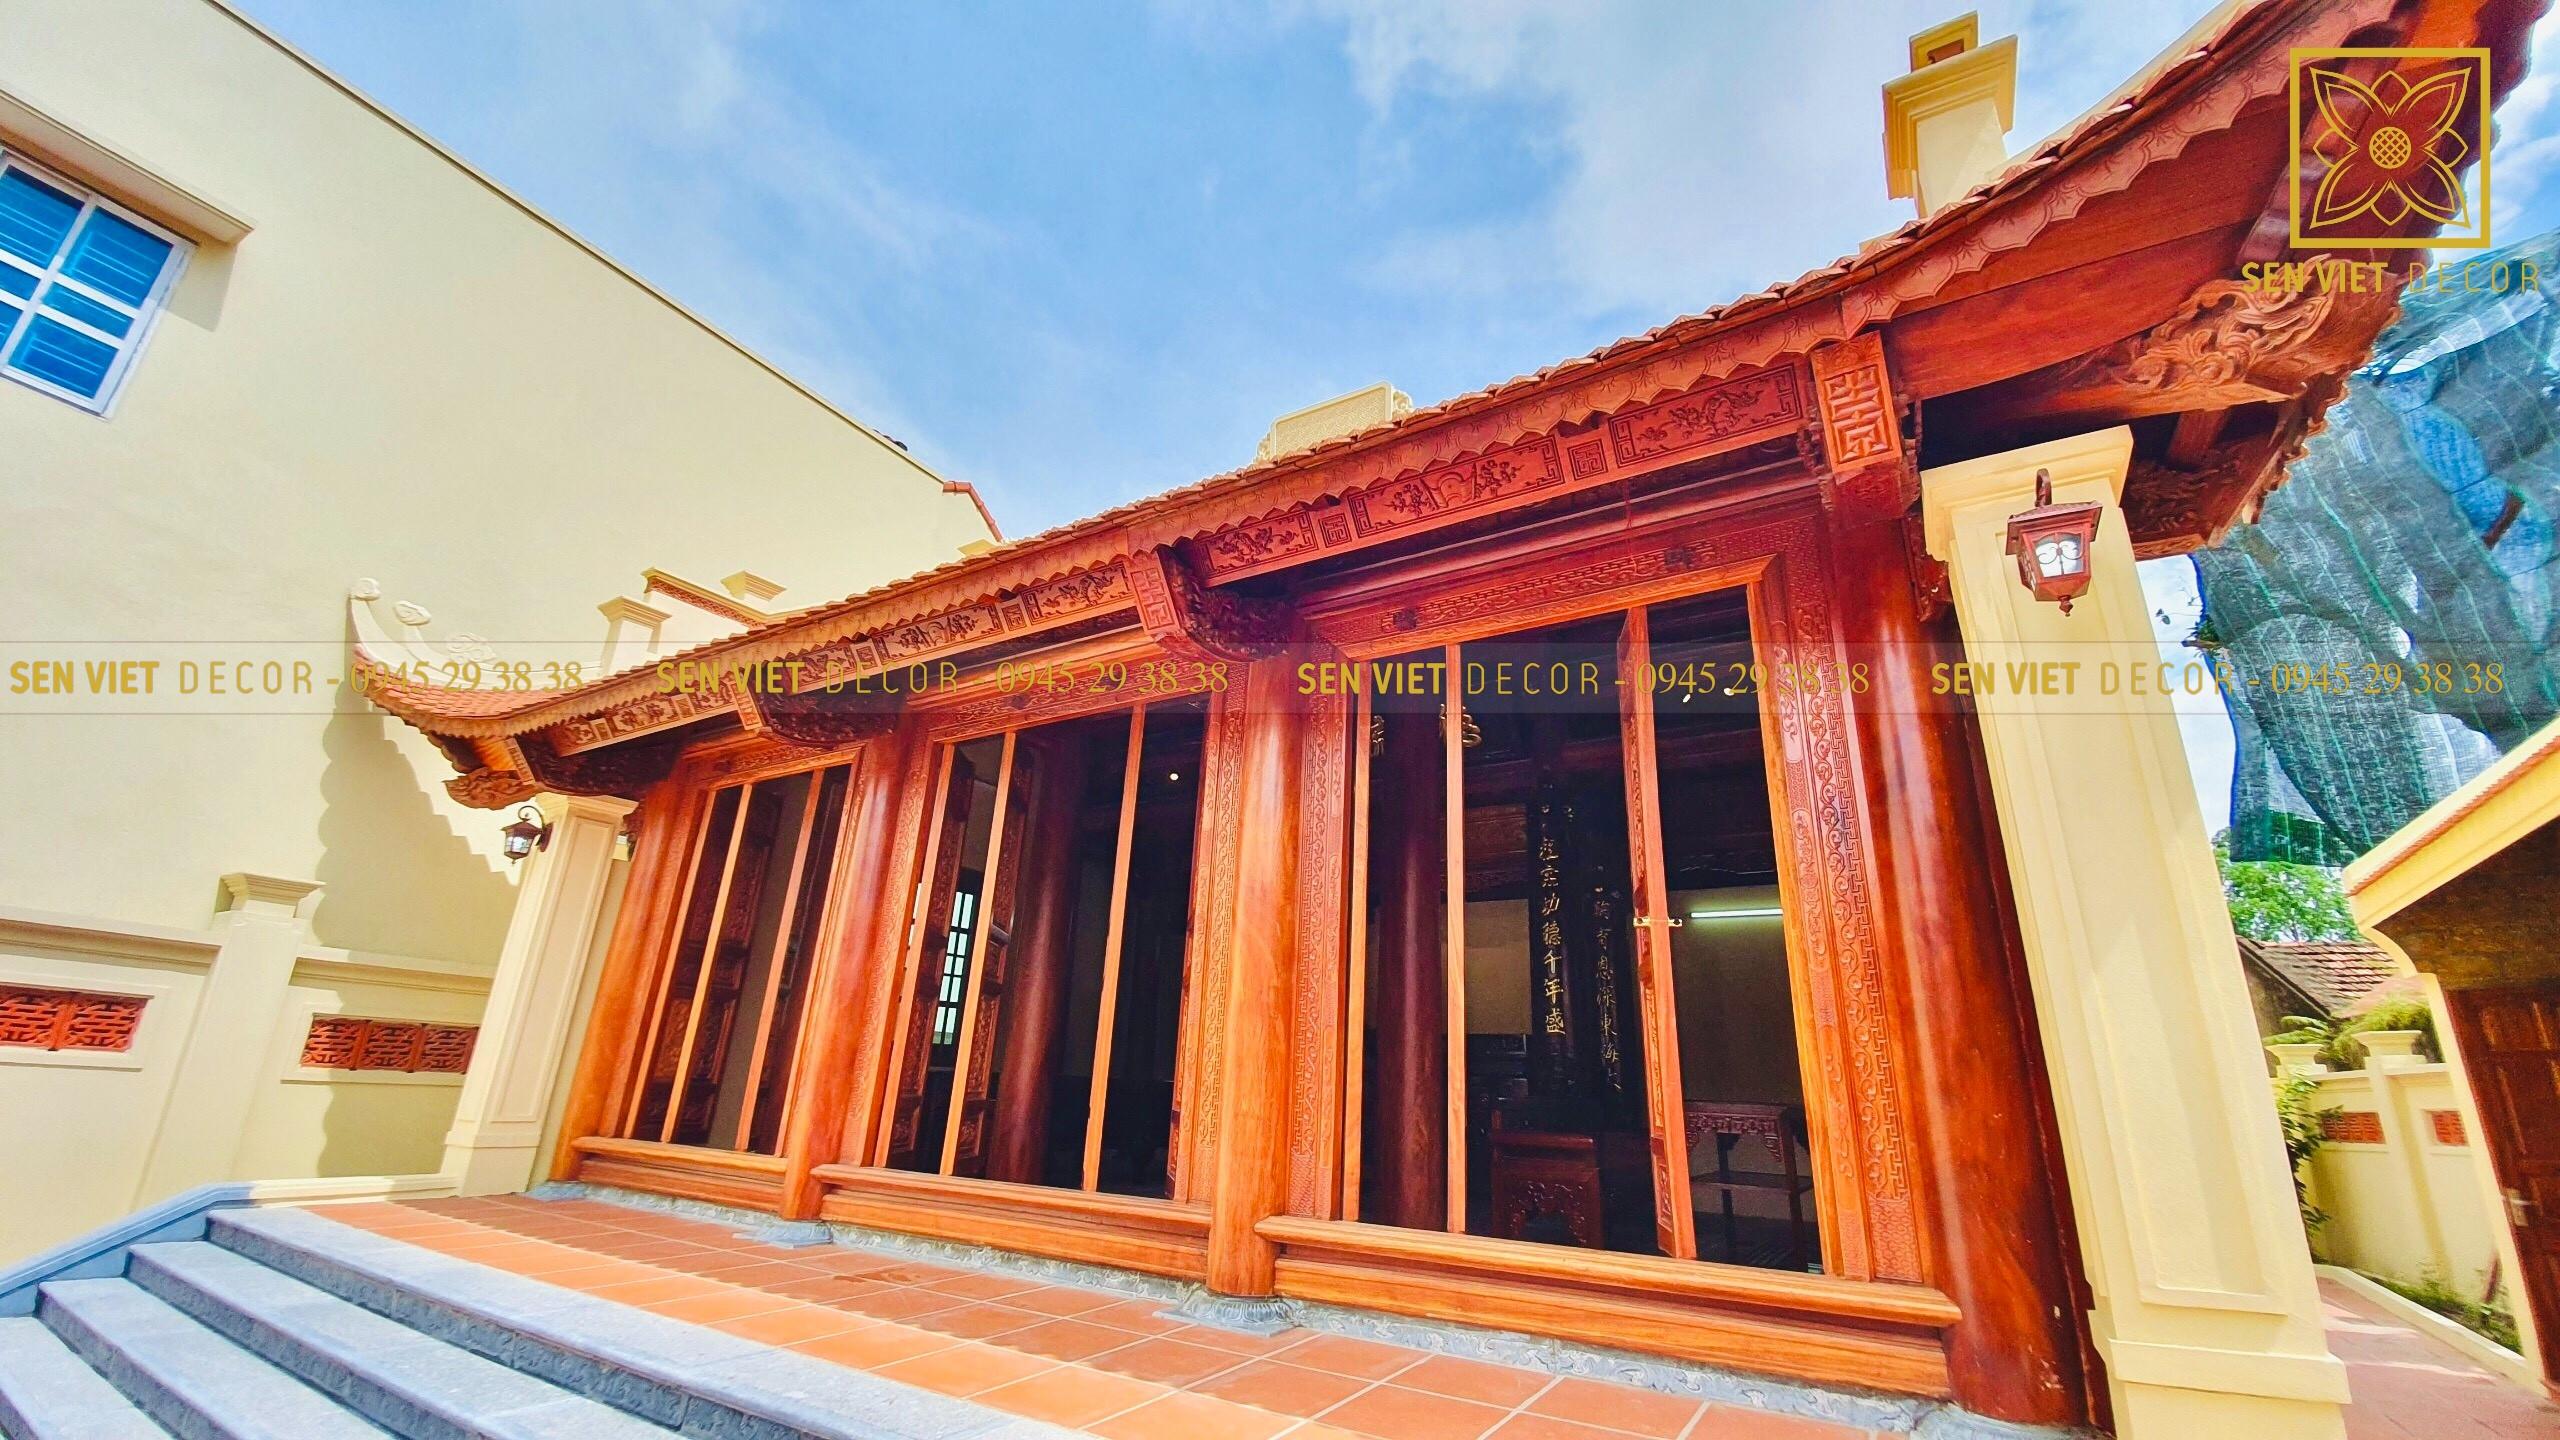 thiết kế nhà gỗ 3 gian kết hợp nhà ở